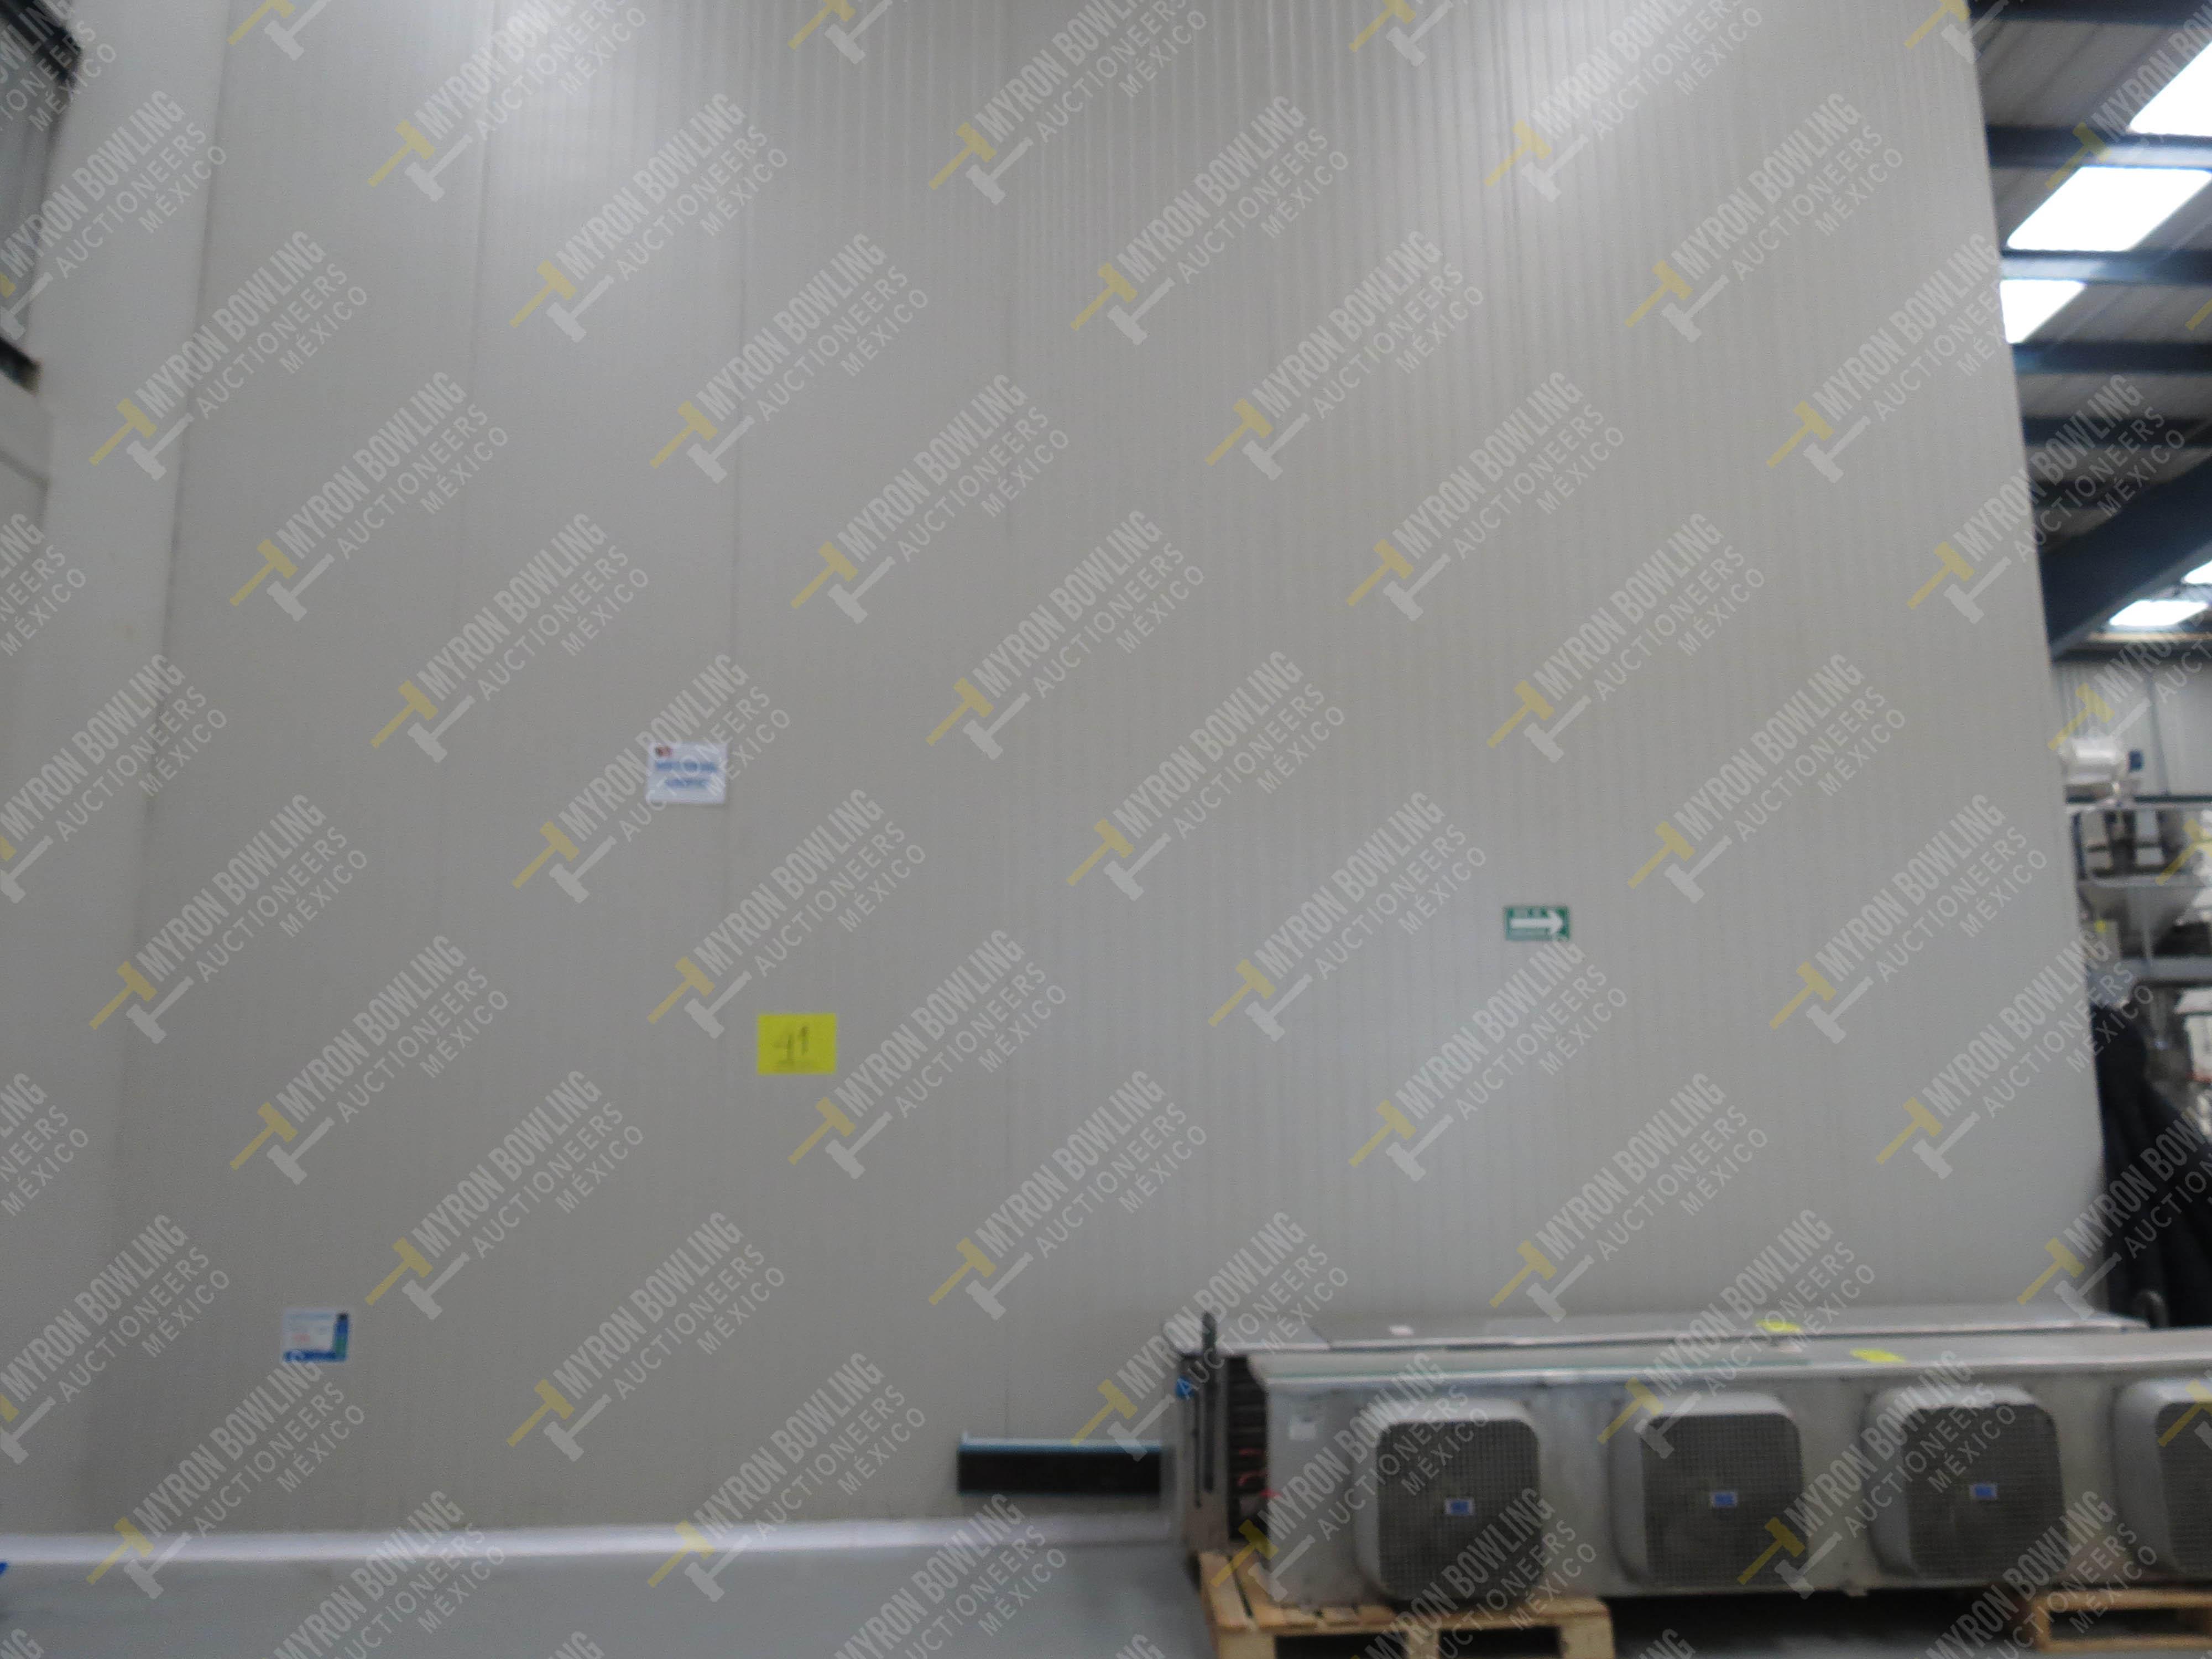 Cámara de refrigeración marca Krack, Modelo CSD-0301-L4K-133DD medidas 6.80 x 13.30 x 5.80 - Image 3 of 15